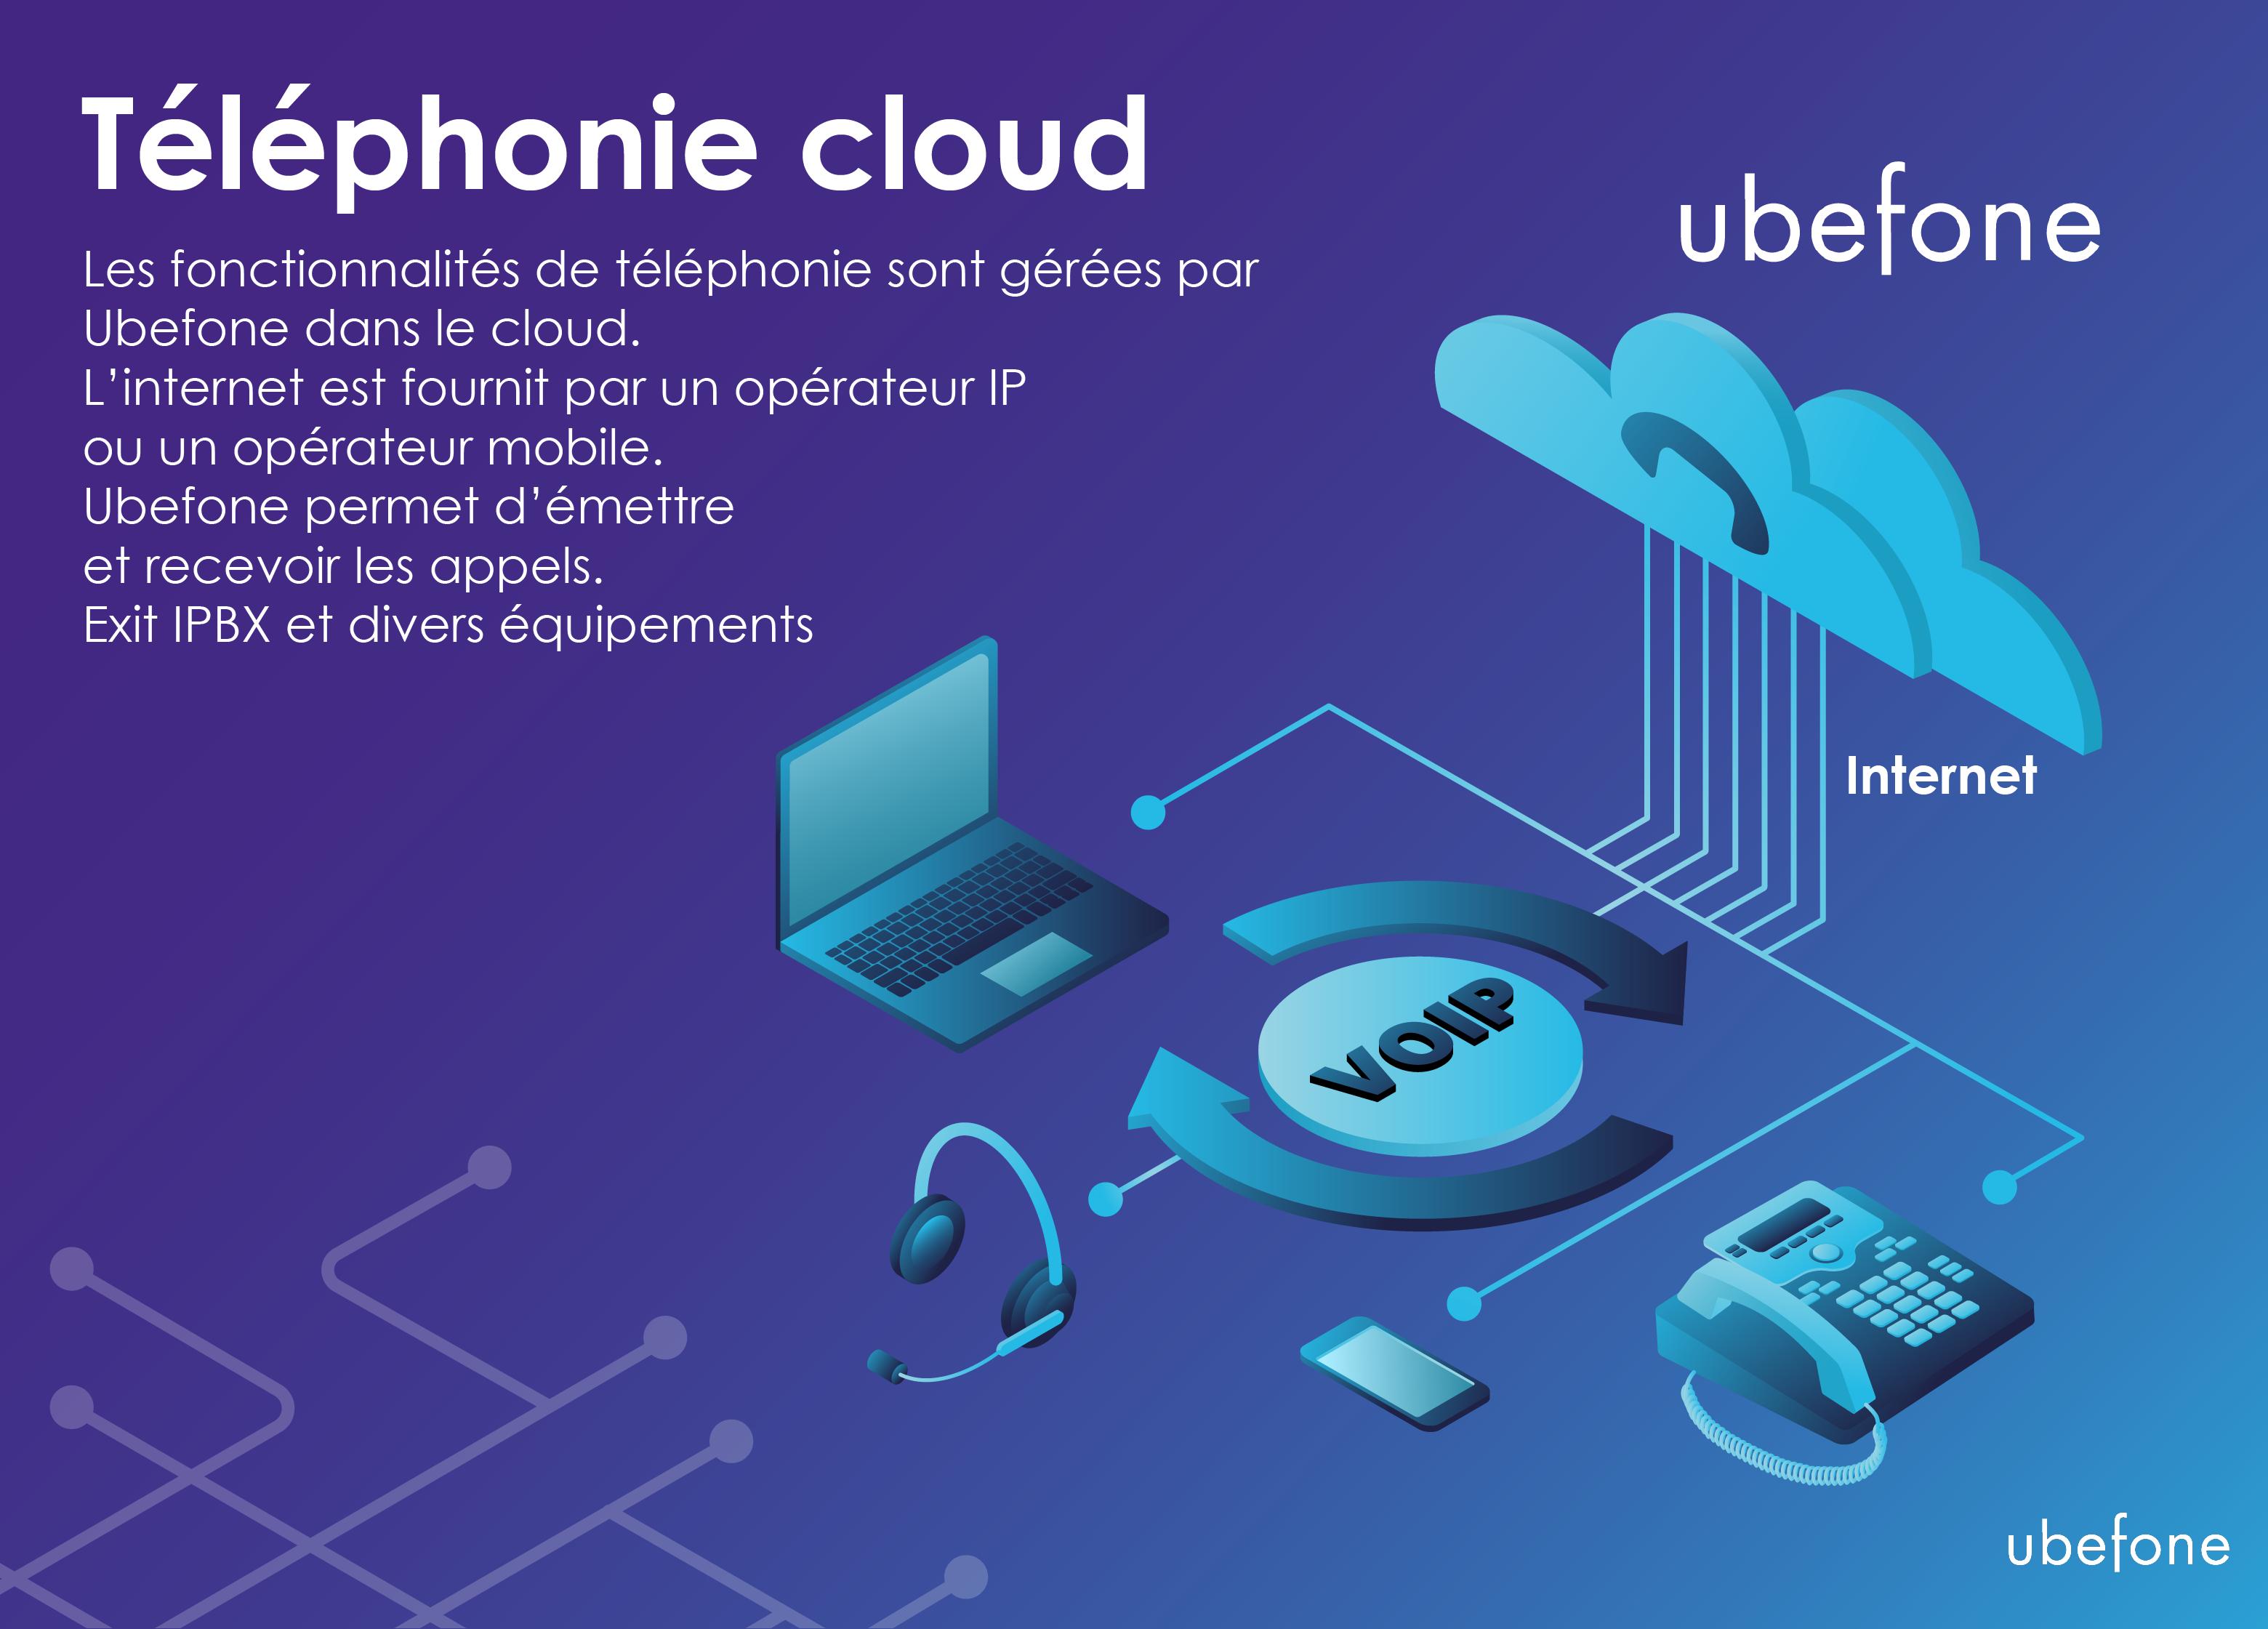 Schéma d'explication de la téléphonie cloud